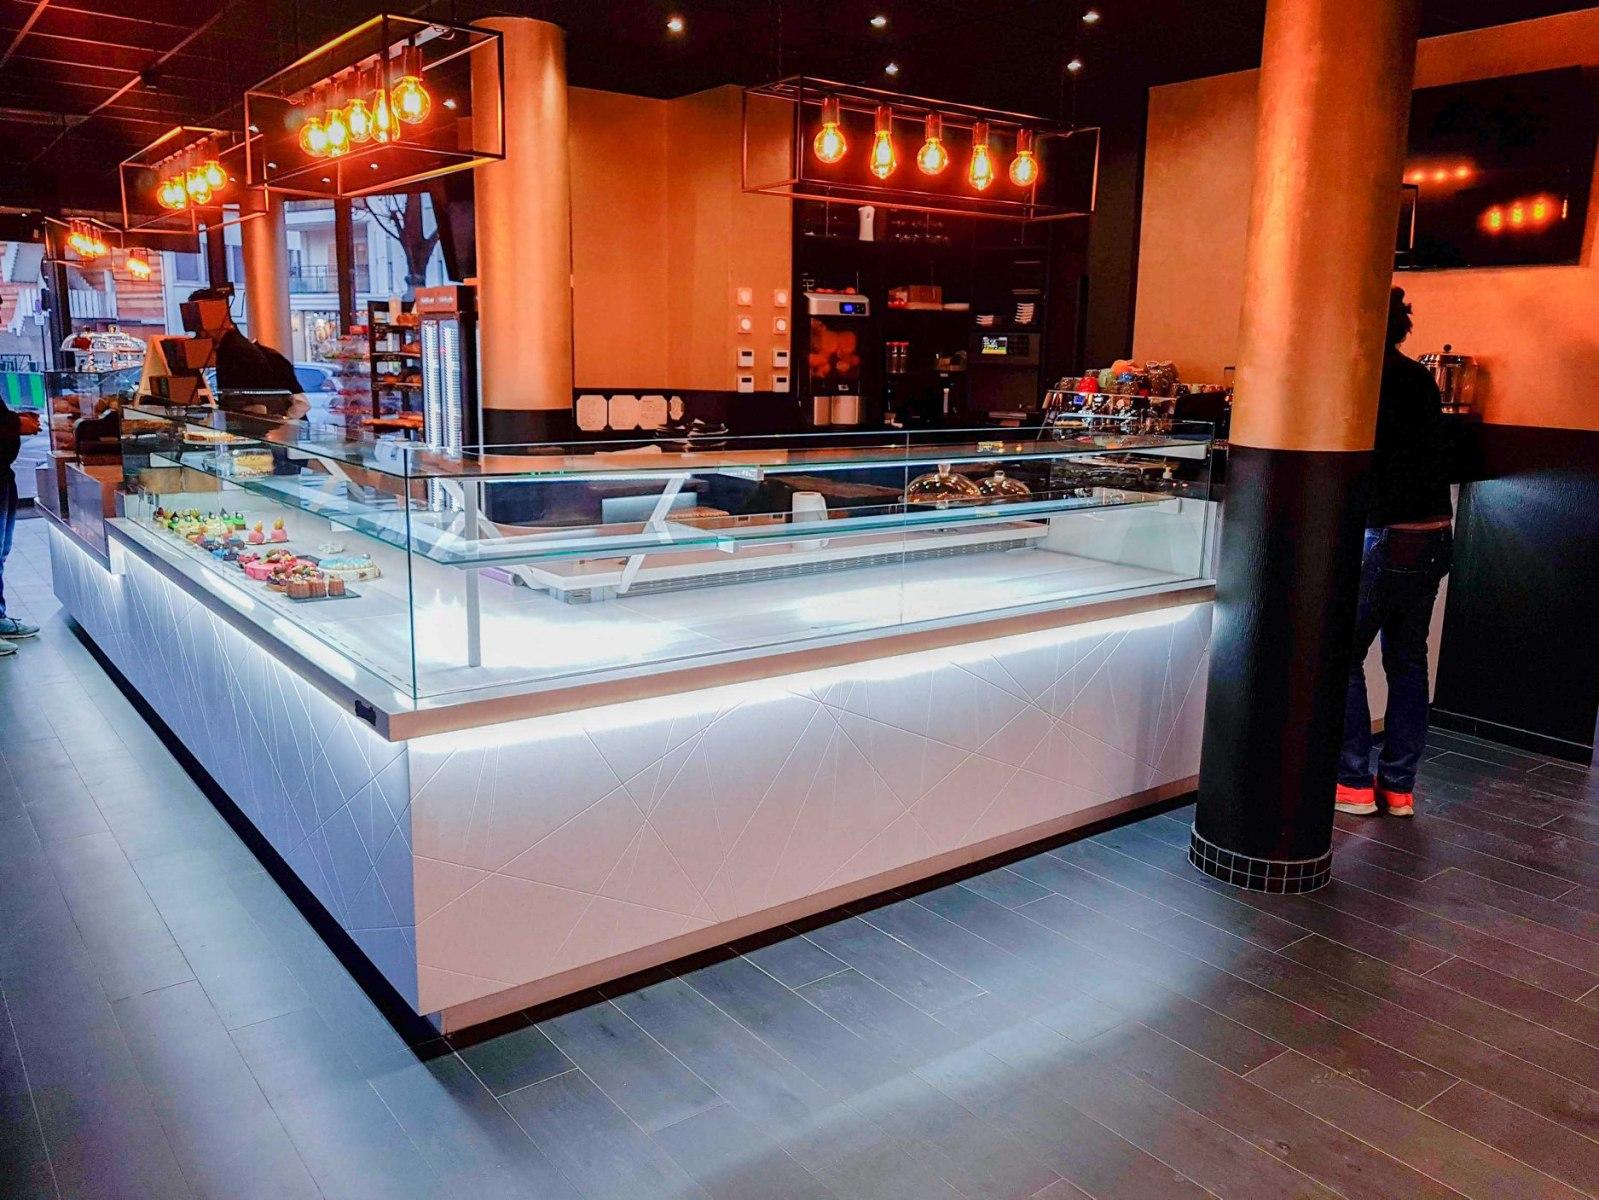 Agencement pâtisserie pierre & honoré la defense PARIS